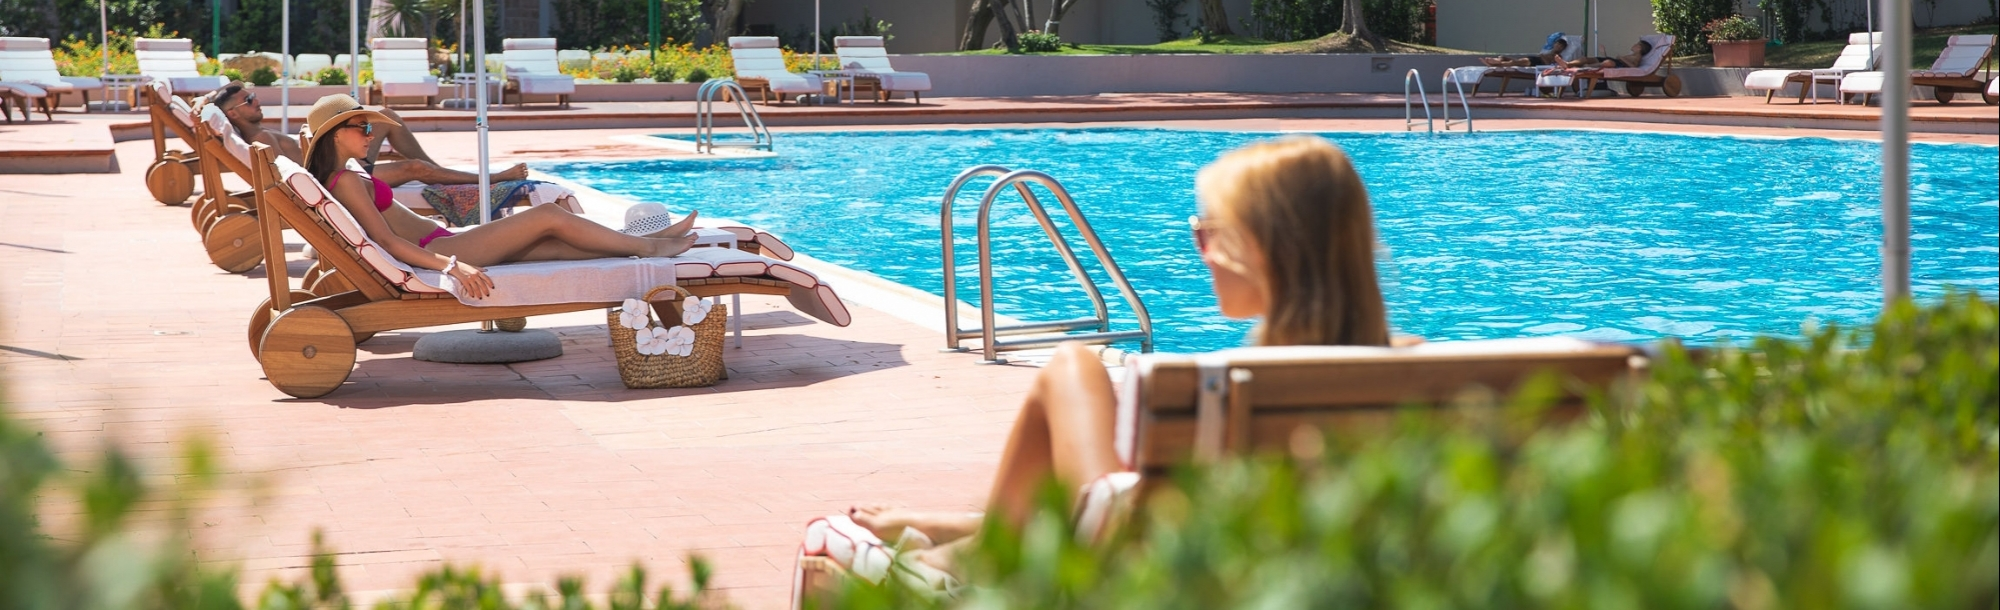 Persone in relax a bordo piscina